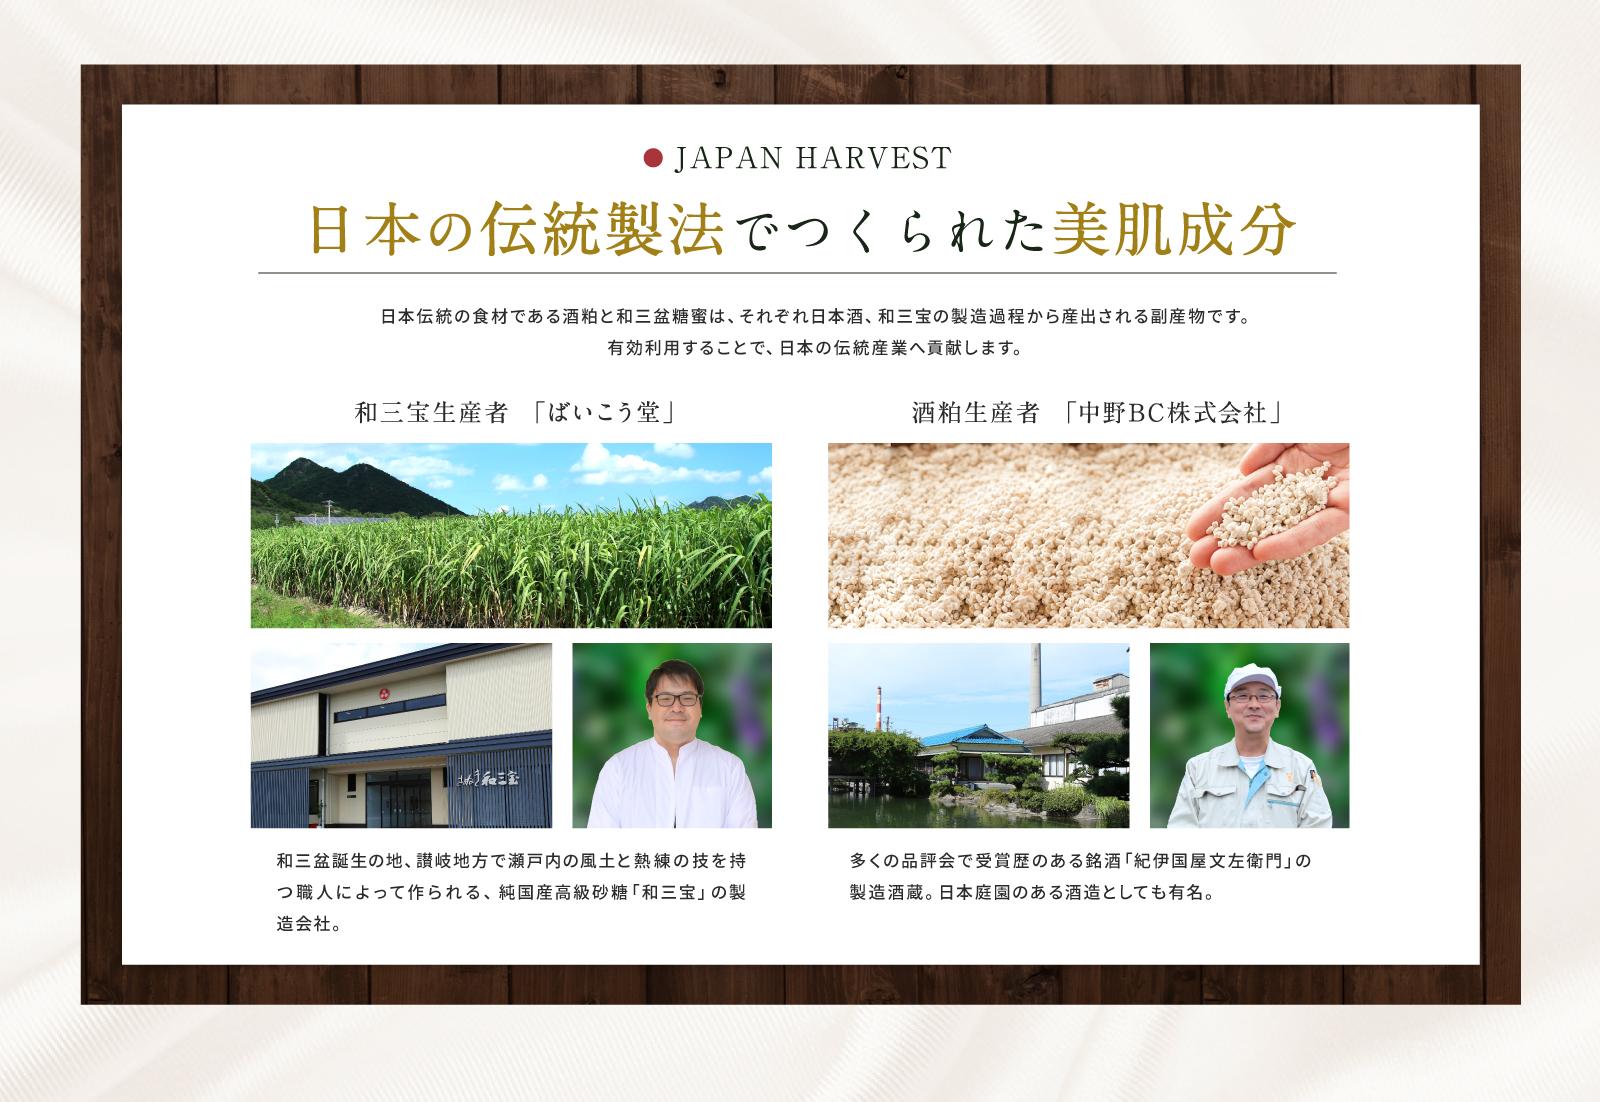 日本の伝統製法